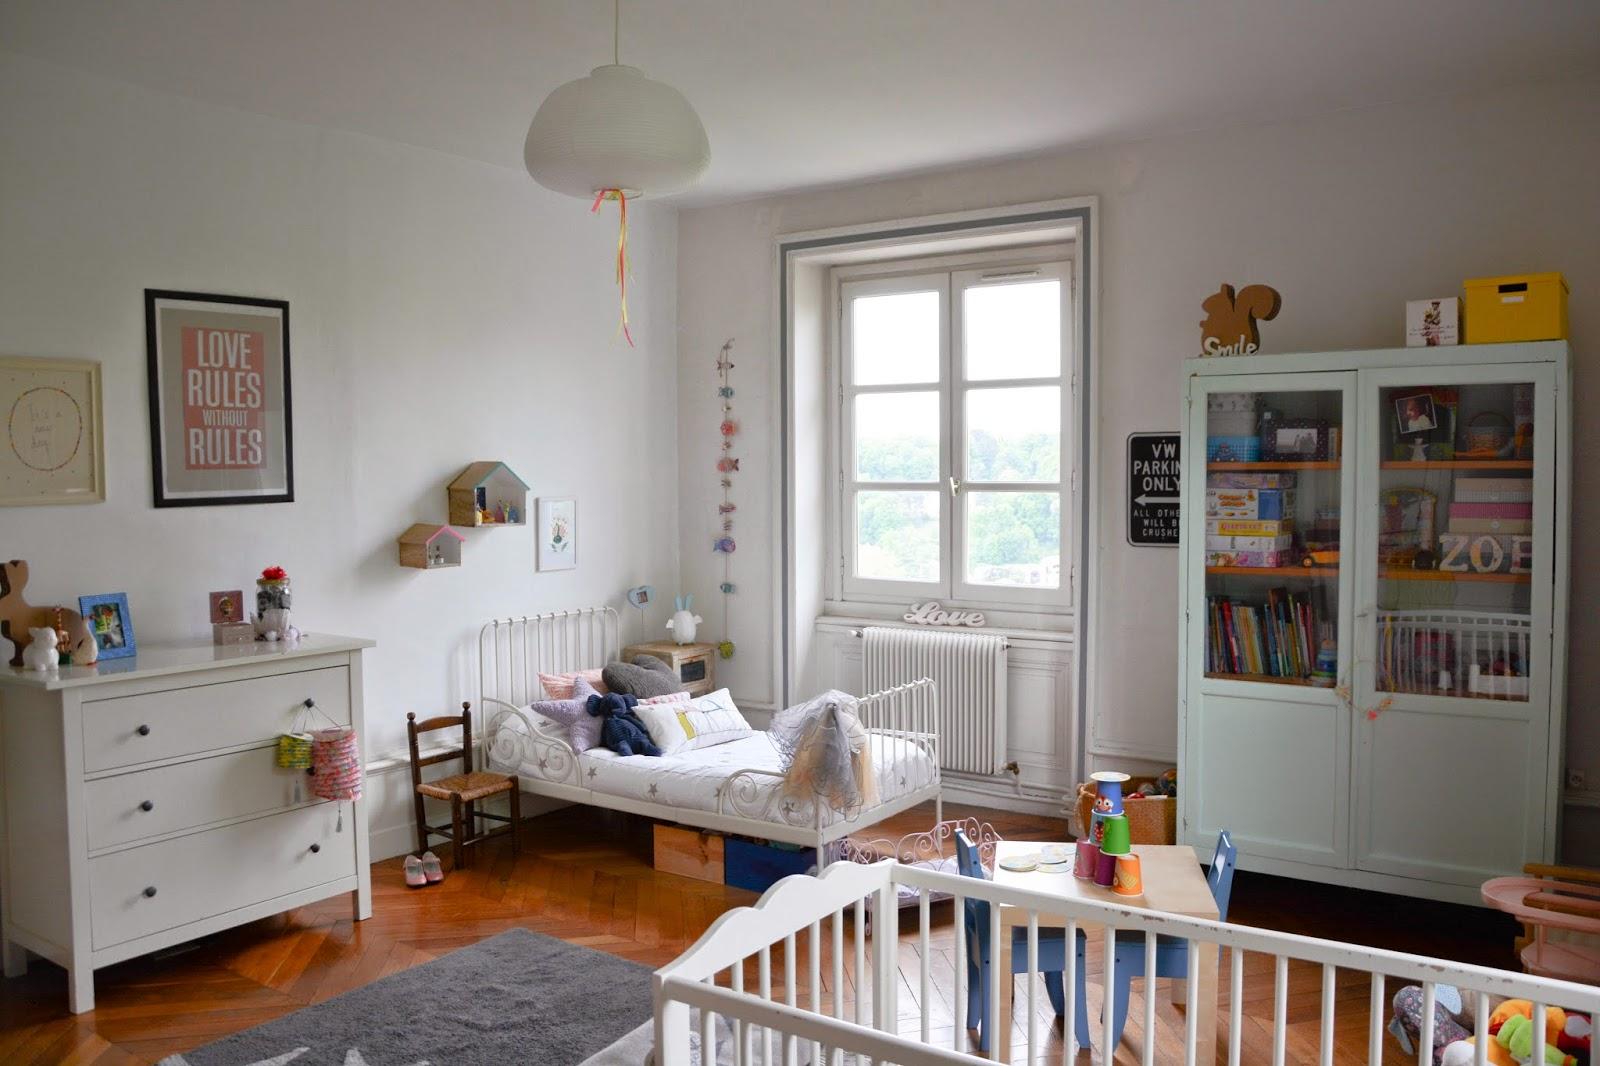 ilovequeencharlotte: La chambre des kids / La habitación de los niños